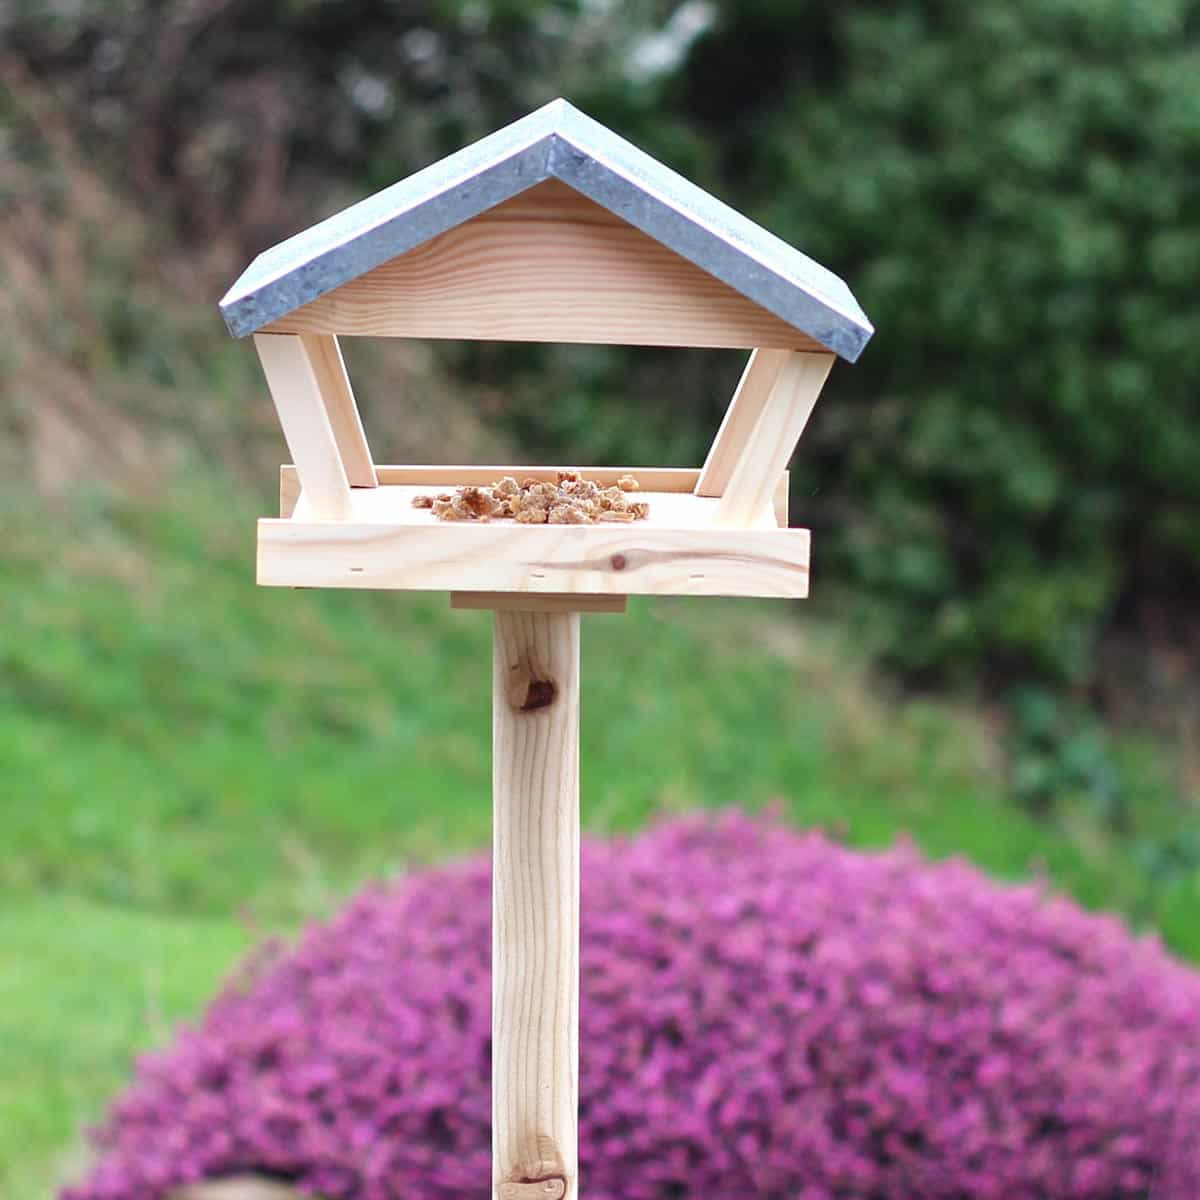 Table Mangeoire Sur Piquet En Bois Et Zinc Hauteur 140Cm serapportantà Abri Oiseau Jardin